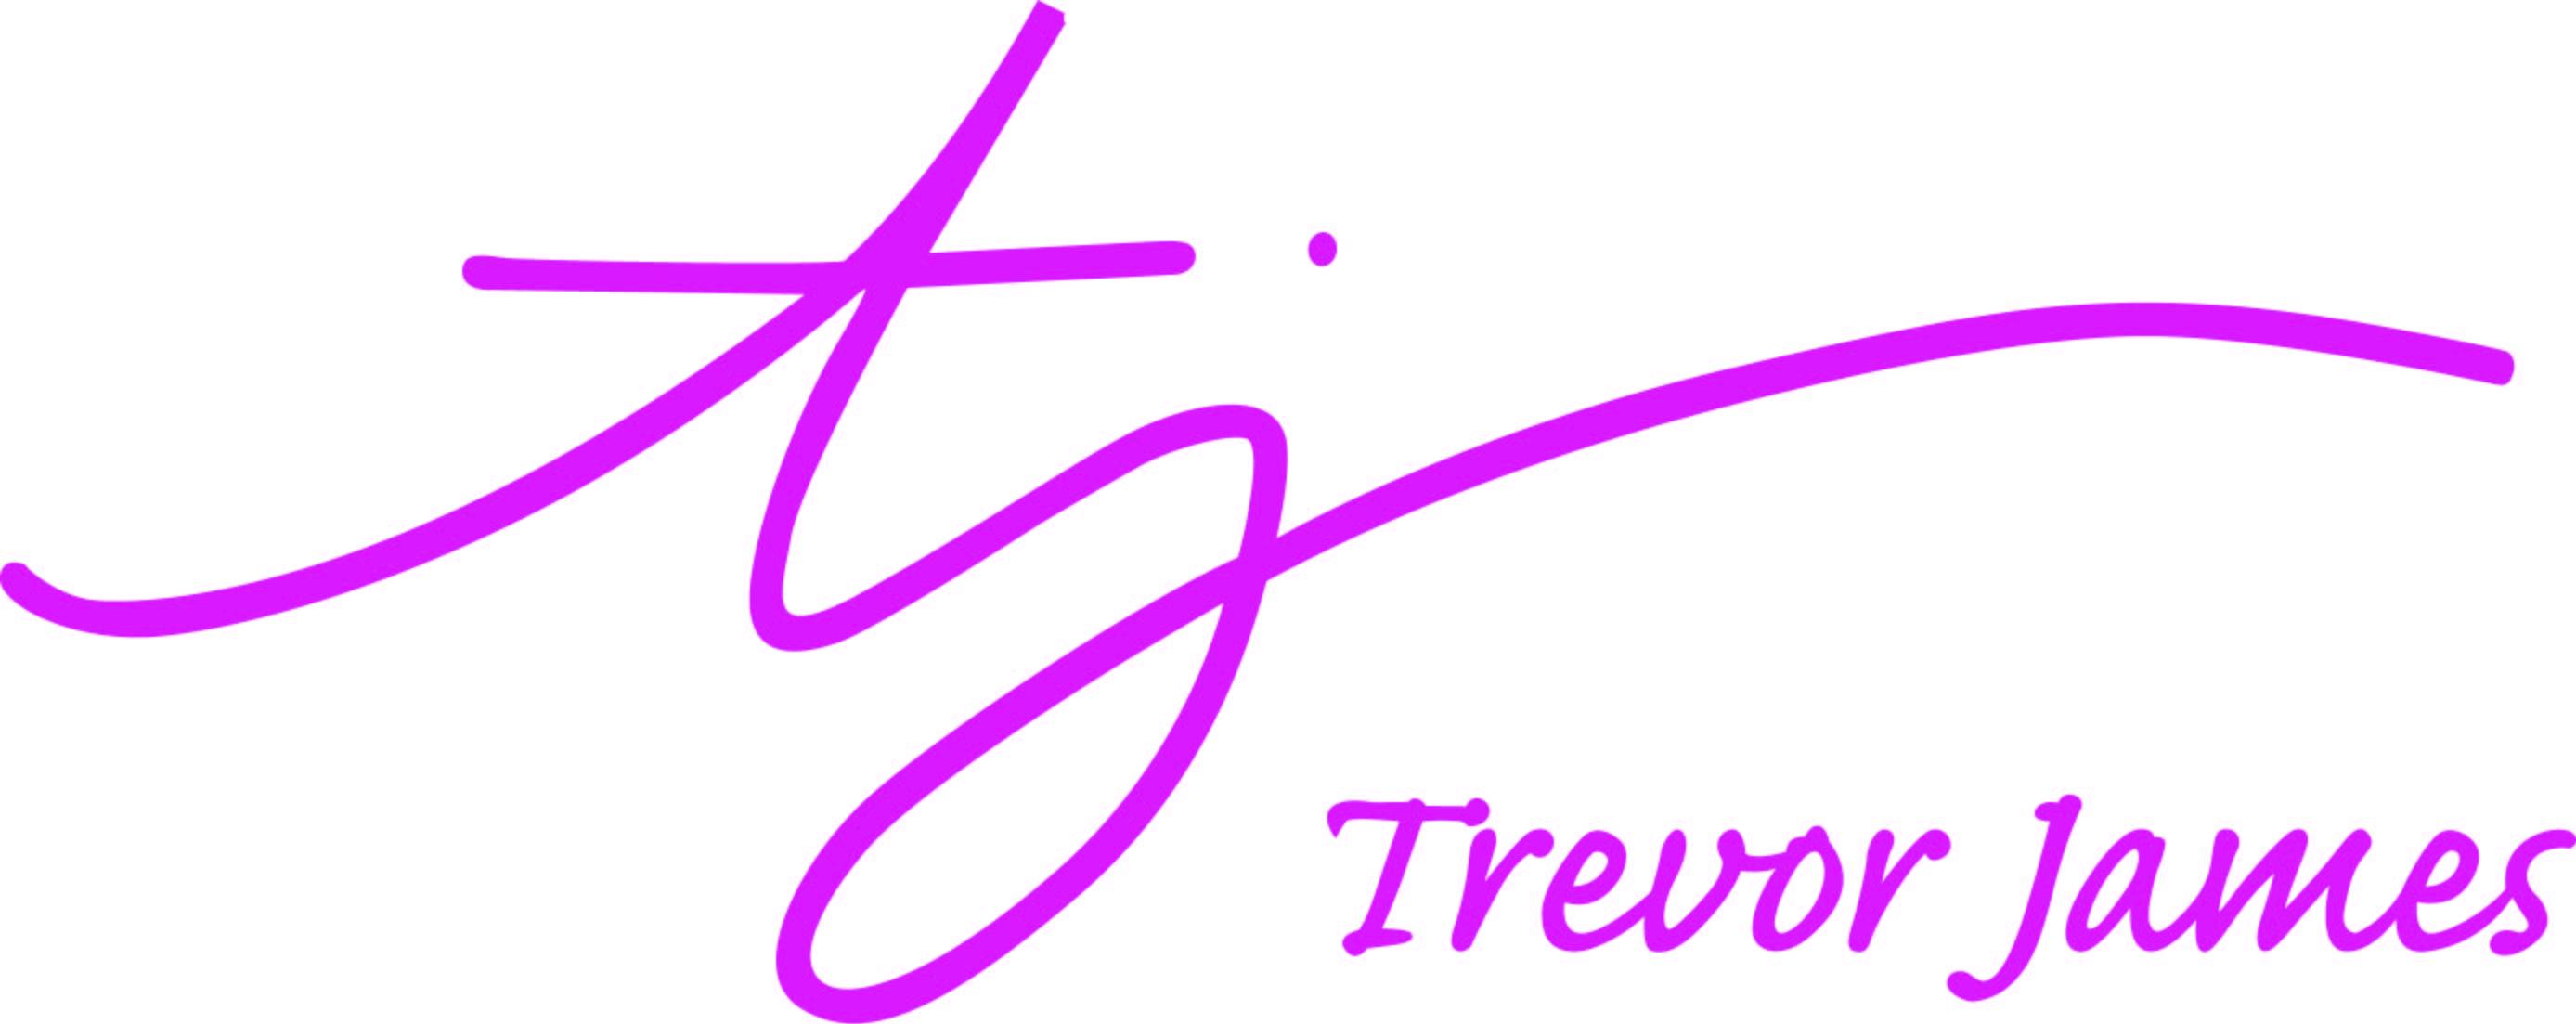 Trevor James - 3015 - CD (TJ10X) - CCEO - Holzblasinstrumente - Flöten mit E-Mechanik | MUSIK BERTRAM Deutschland Freiburg